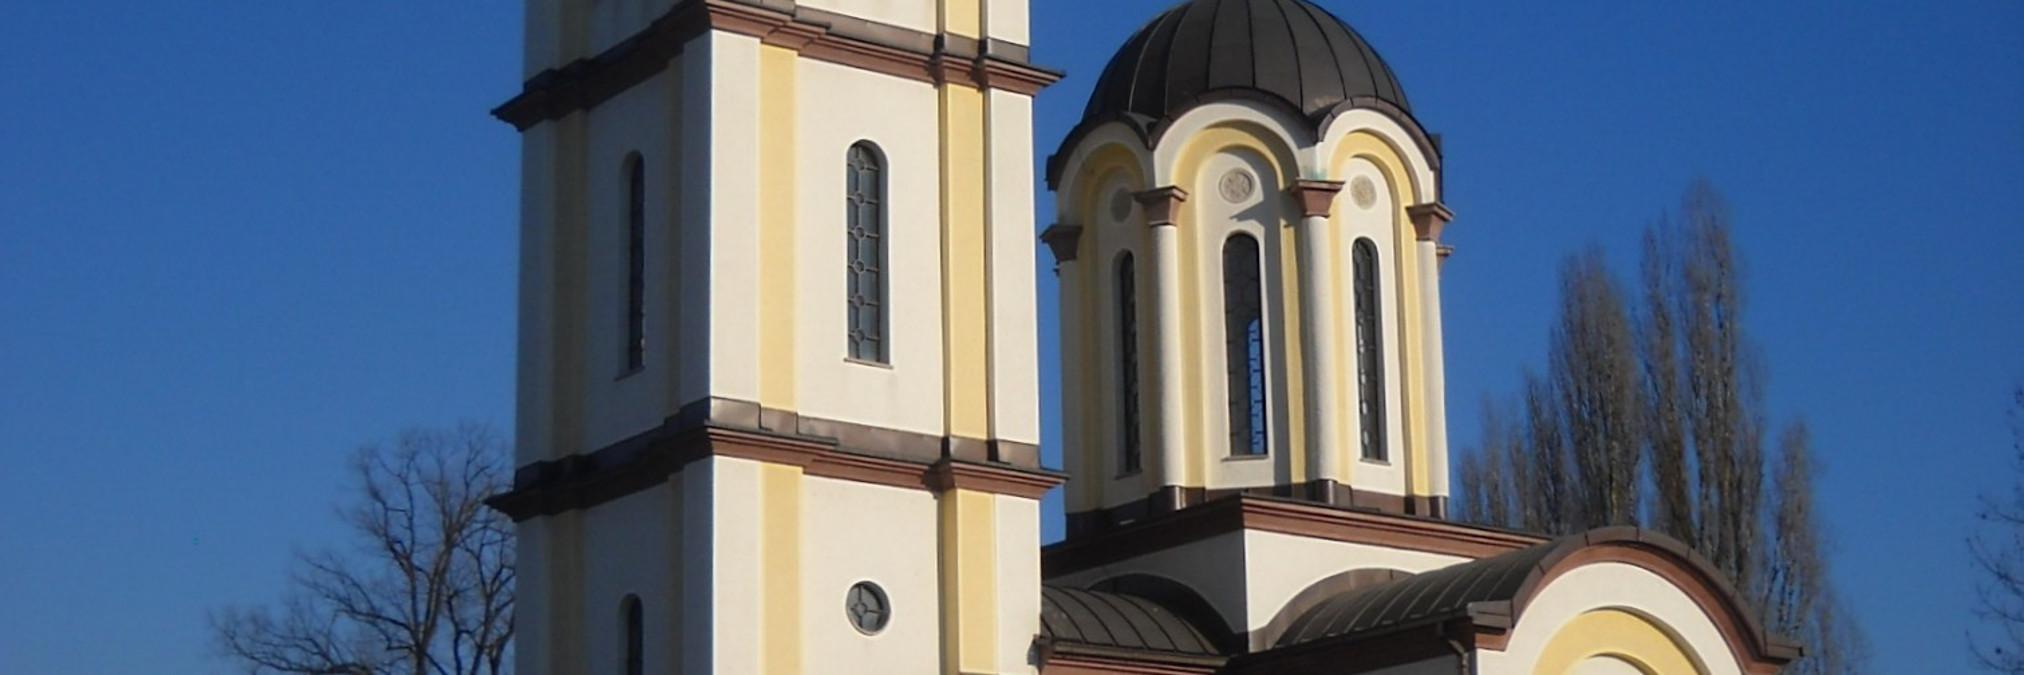 Храм Богоявления в Баня Луке. Фото: Елена Арсениевич, CC BY-SA 3.0